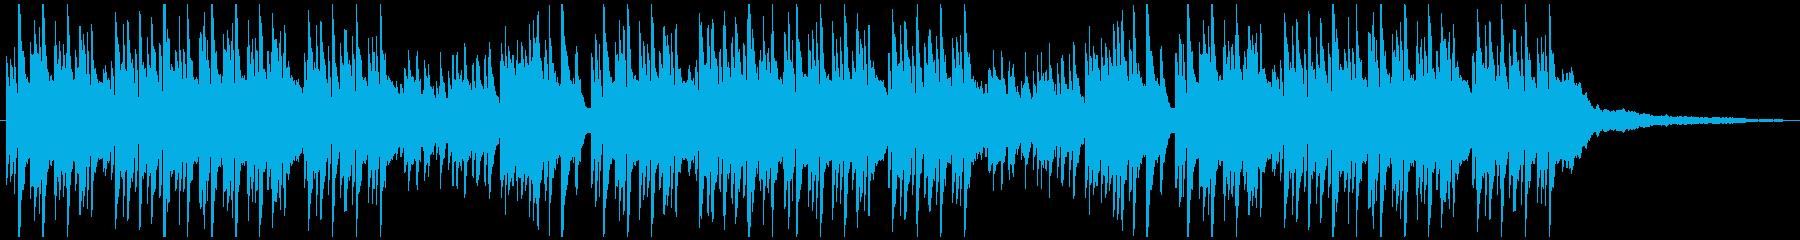 優しい雰囲気のピアノ曲(6/8拍子)の再生済みの波形